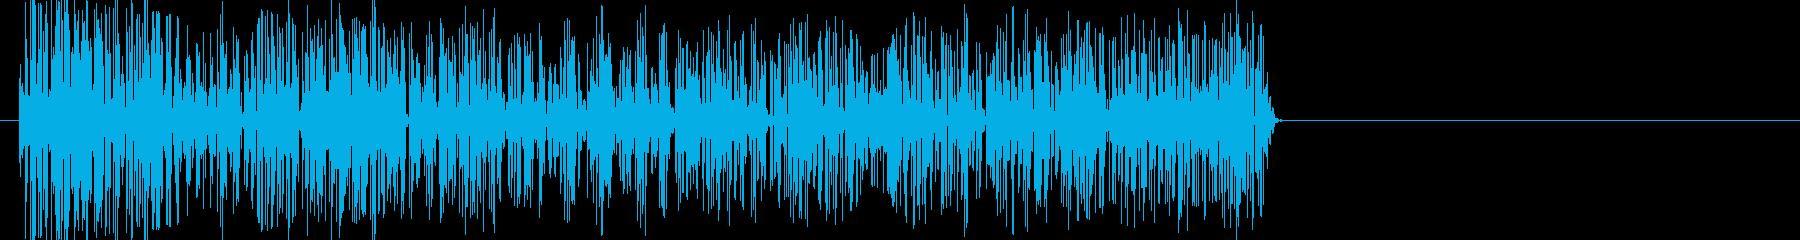 ボォォ...(炎魔法、ブレス、炎を吐く)の再生済みの波形